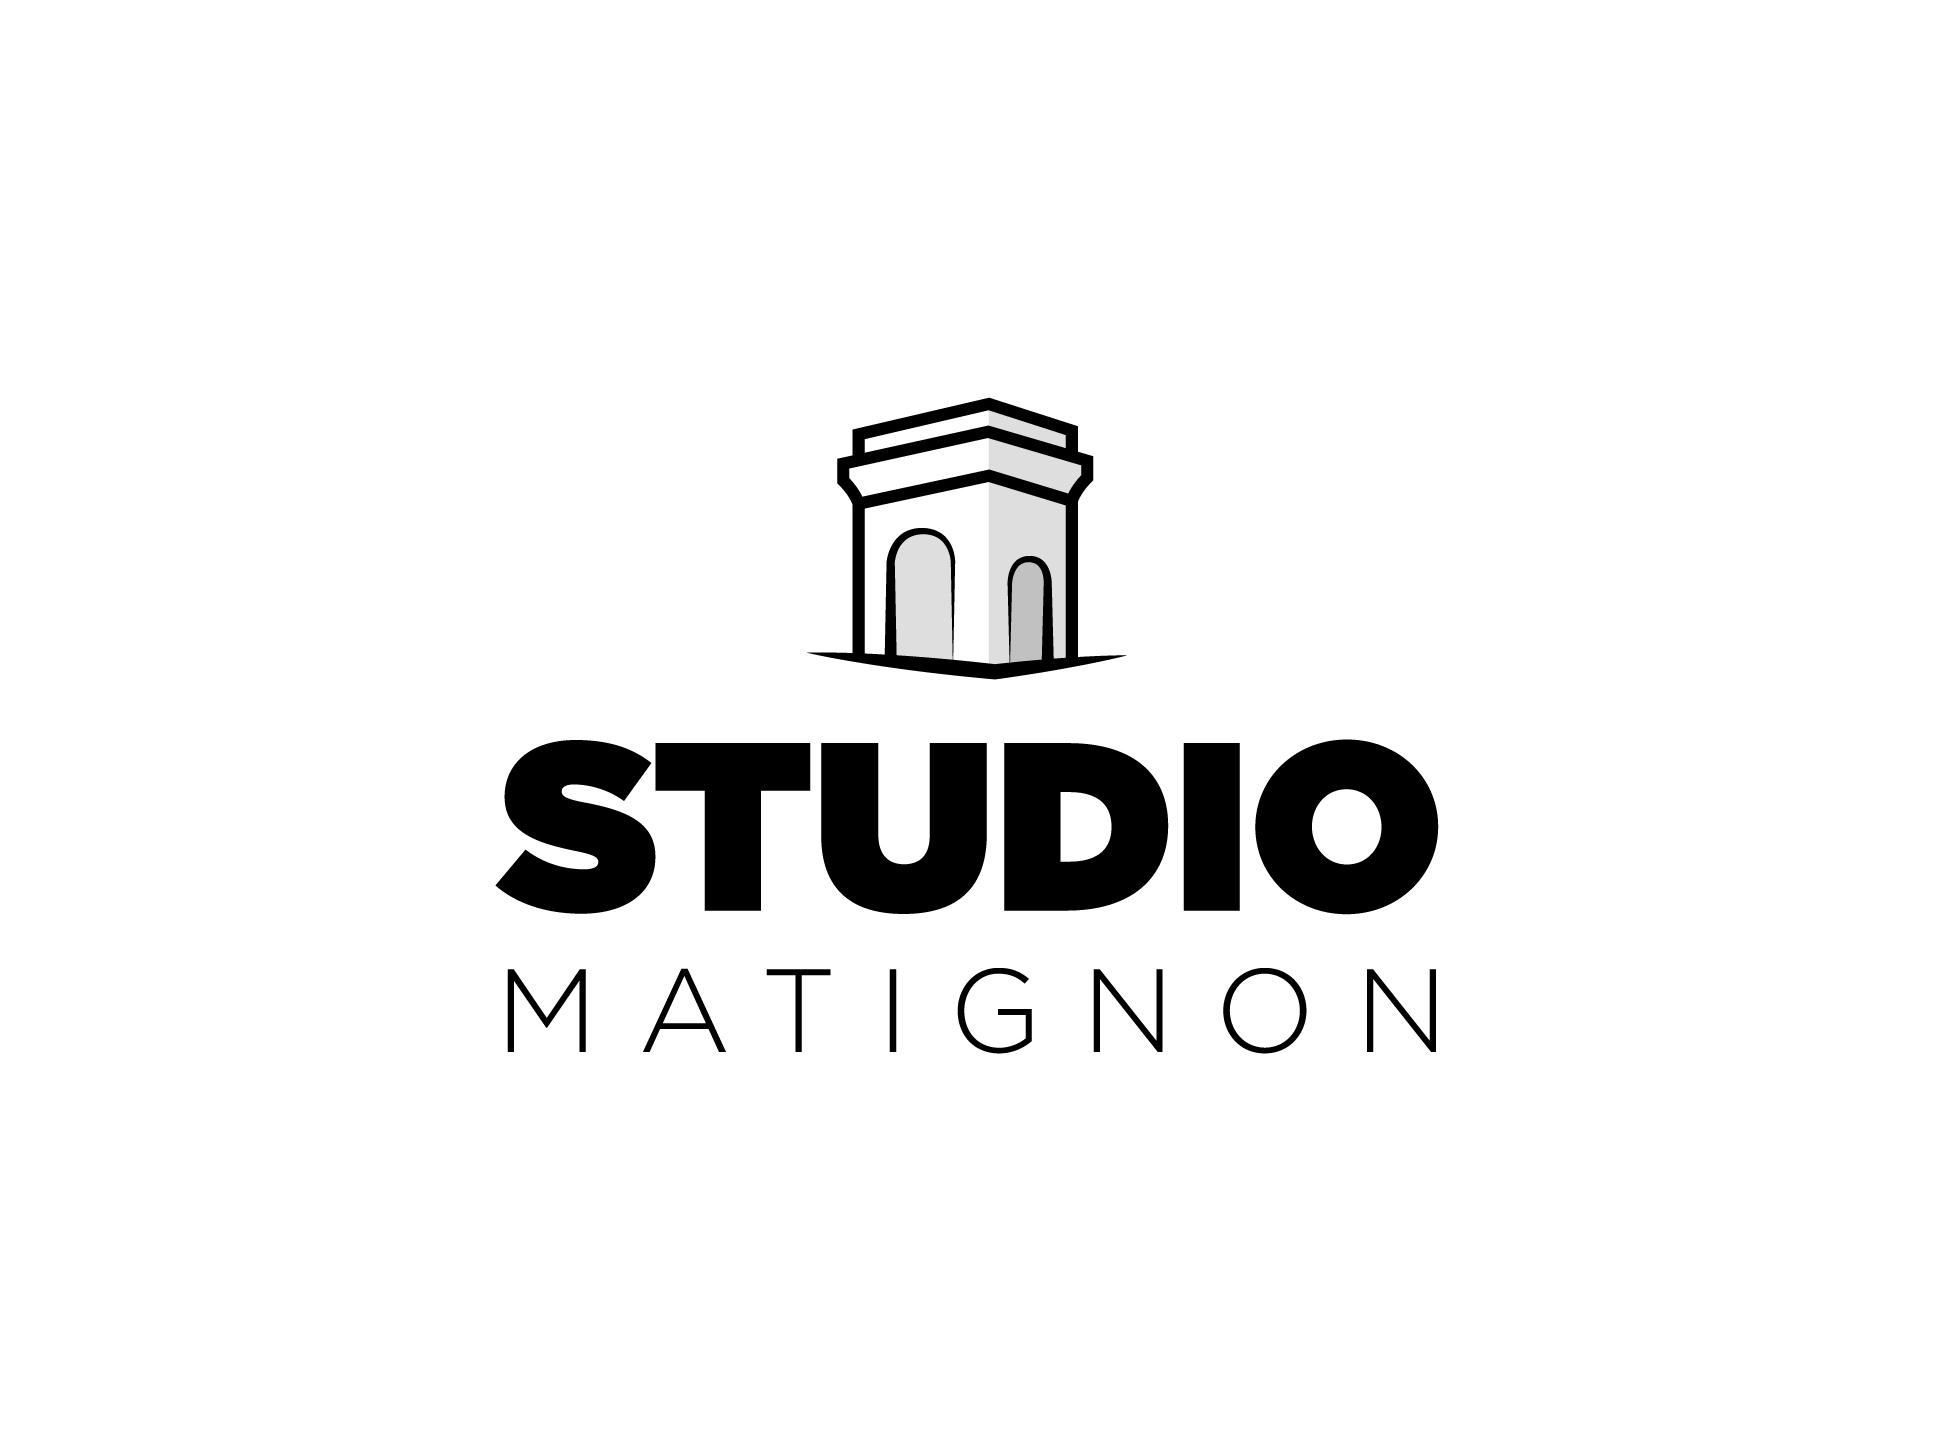 Studio Matignon